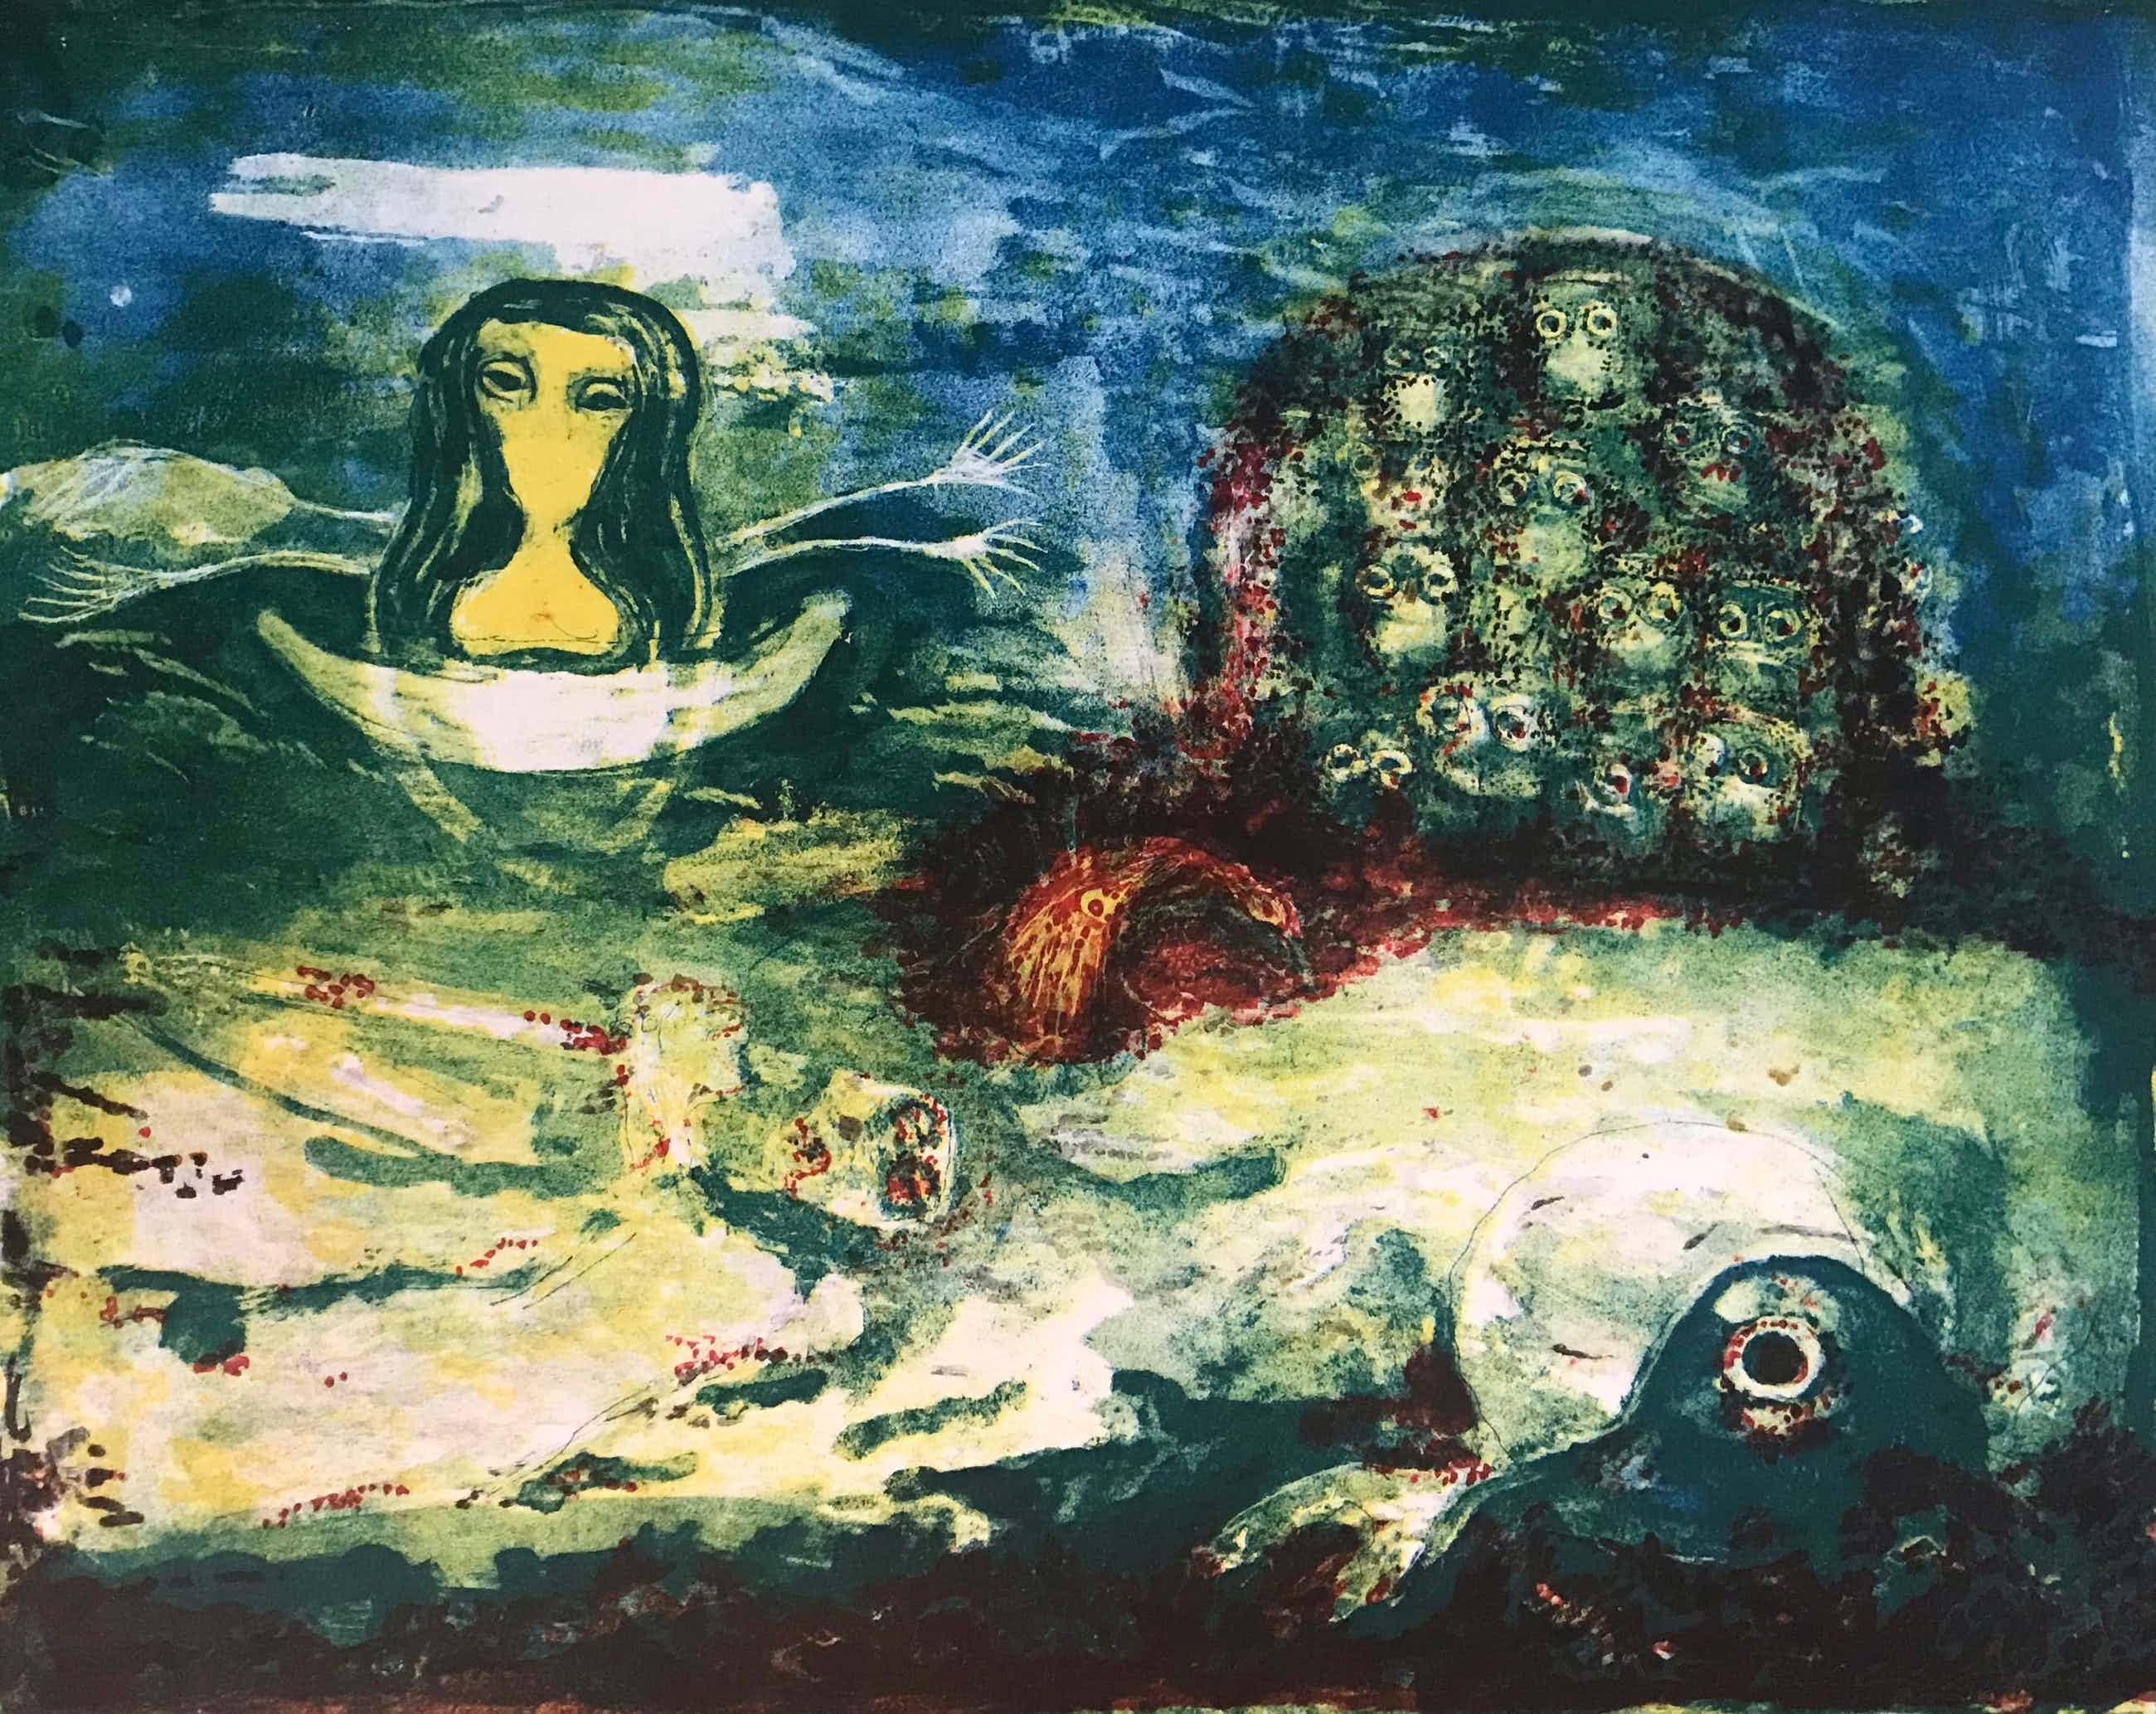 Reidar Magnus - Gesigneerde kleurenlitho - 1966 - 16/29 kopen? Bied vanaf 65!